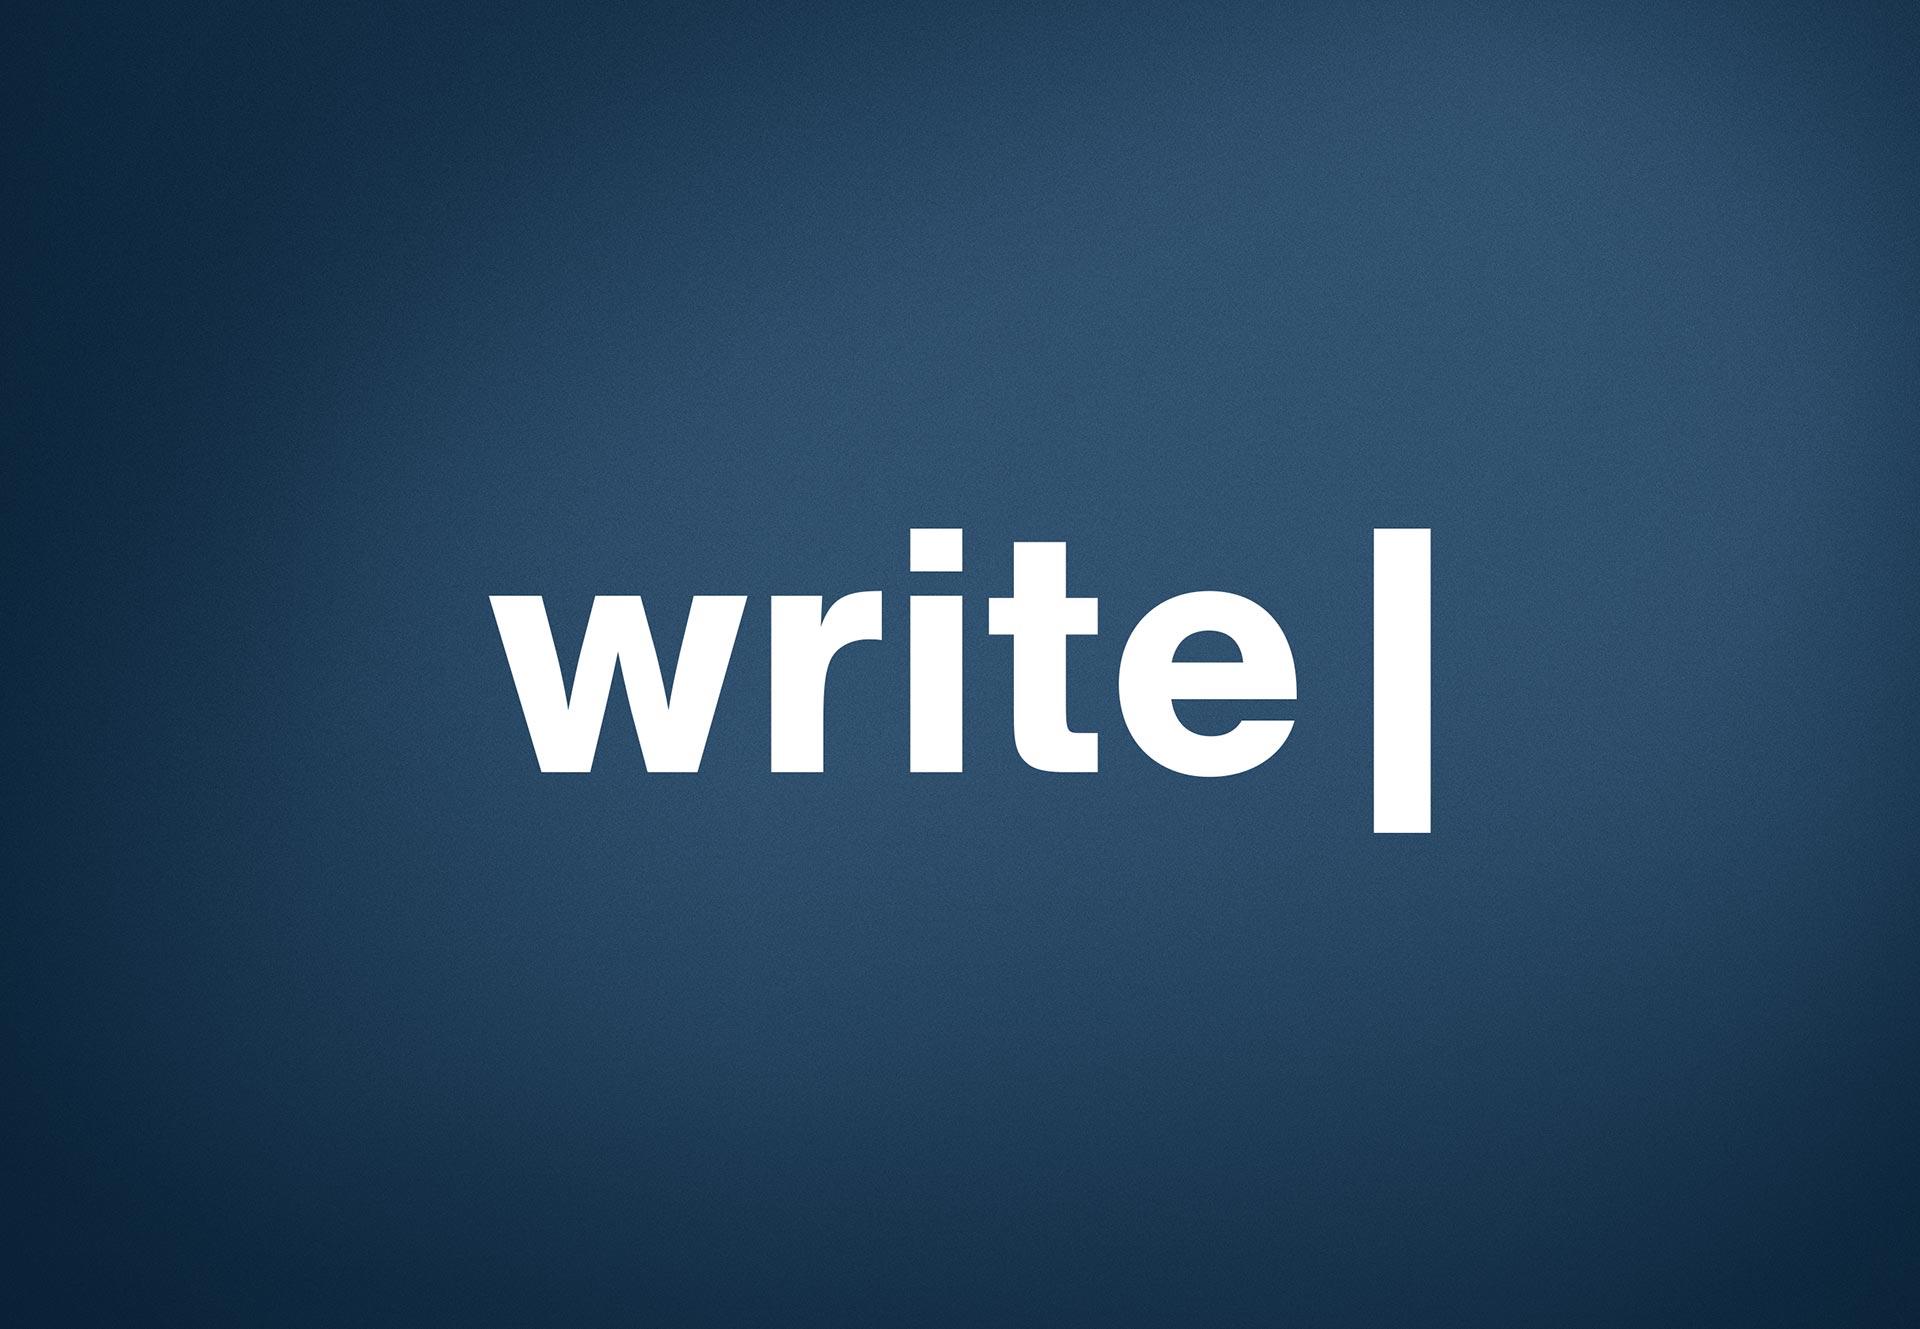 Logo Design for Write